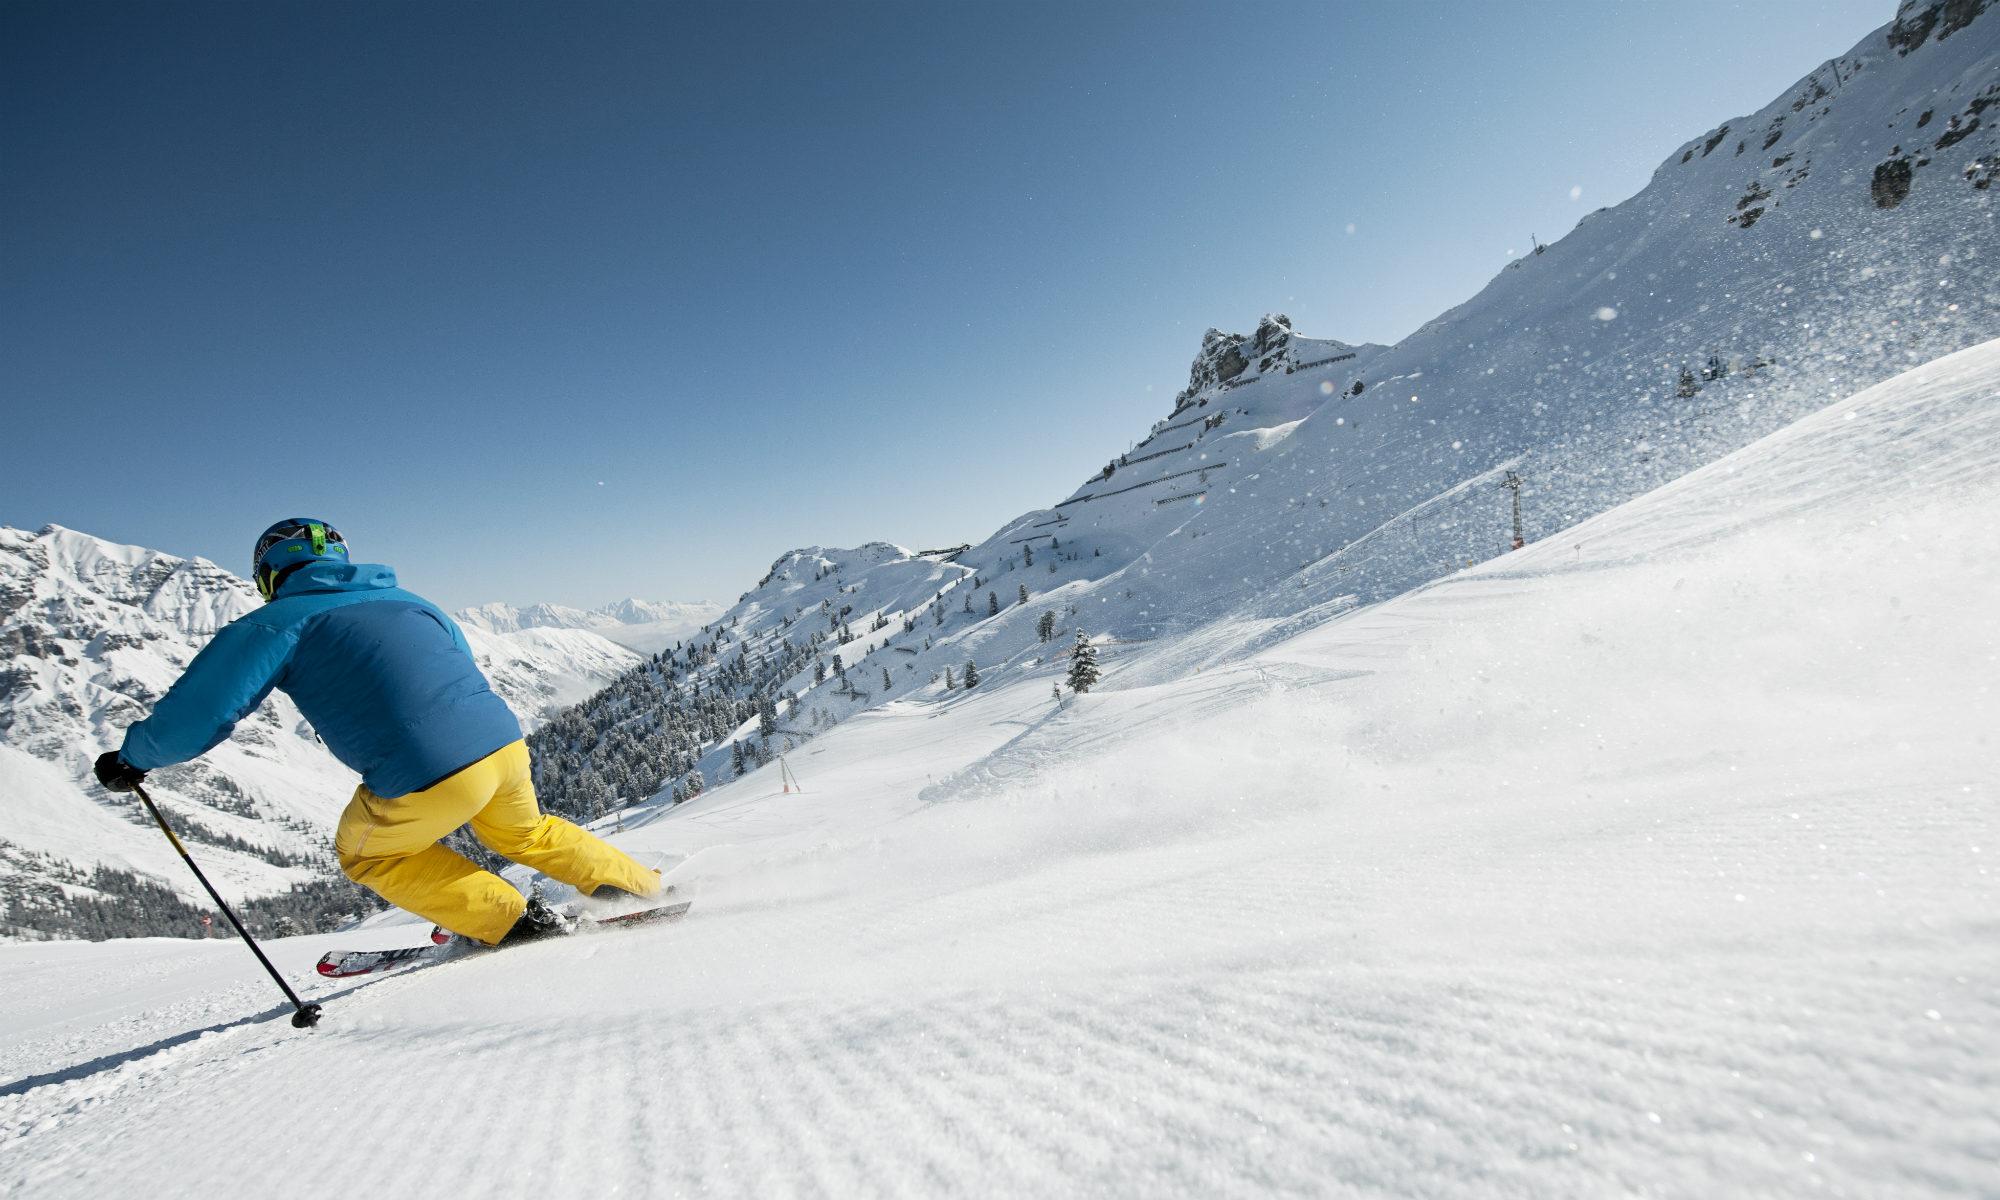 Uno sciatore sta sciando su una pista deserta.